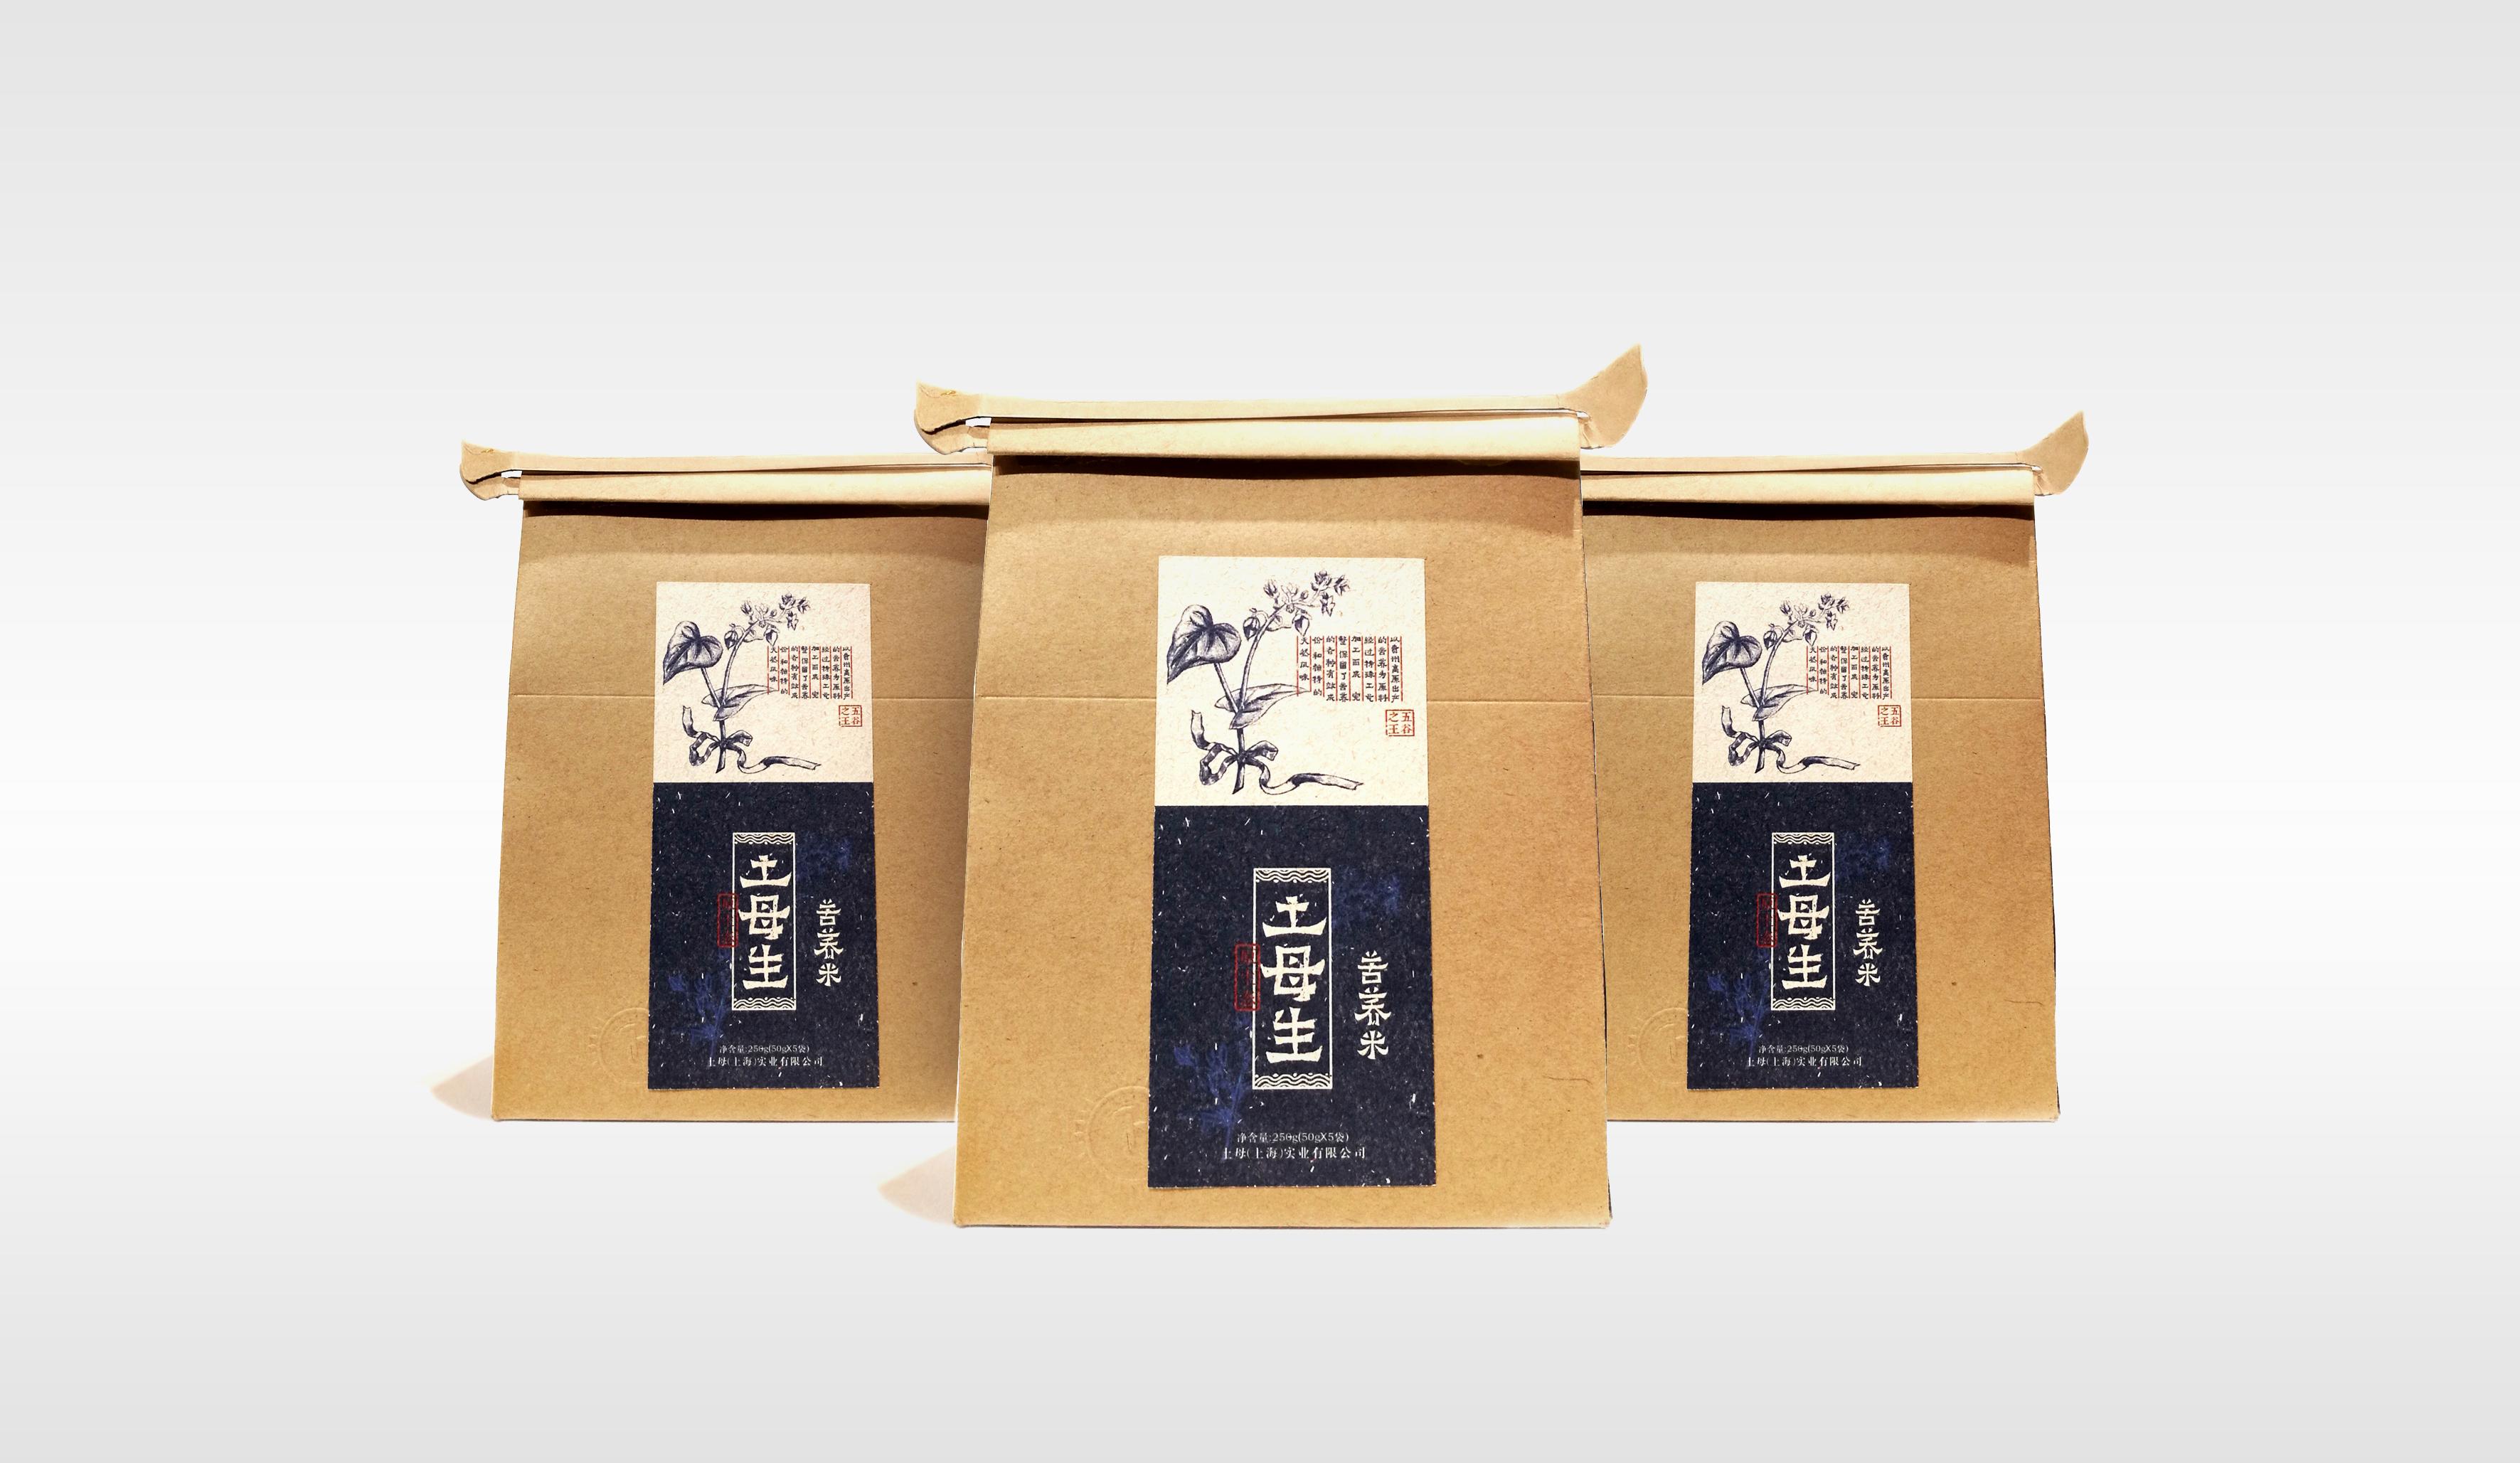 包裝設計|PACKAGING DESIGN  產品包裝設計,特產包裝設計,古一設計  產品包裝設計,特產包裝設計,古一設計  產品包裝設計,特產包裝設計,古一設計  產品包裝設計,特產包裝設計,古一設計  產品包裝設計,特產包裝設計,古一設計  產品包裝設計,特產包裝設計,古一設計  產品包裝設計,特產包裝設計,古一設計  產品包裝設計,特產包裝設計,古一設計  產品包裝設計,特產包裝設計,古一設計  產品包裝設計,特產包裝設計,古一設計  產品包裝設計,特產包裝設計,古一設計  產品包裝設計,特產包裝